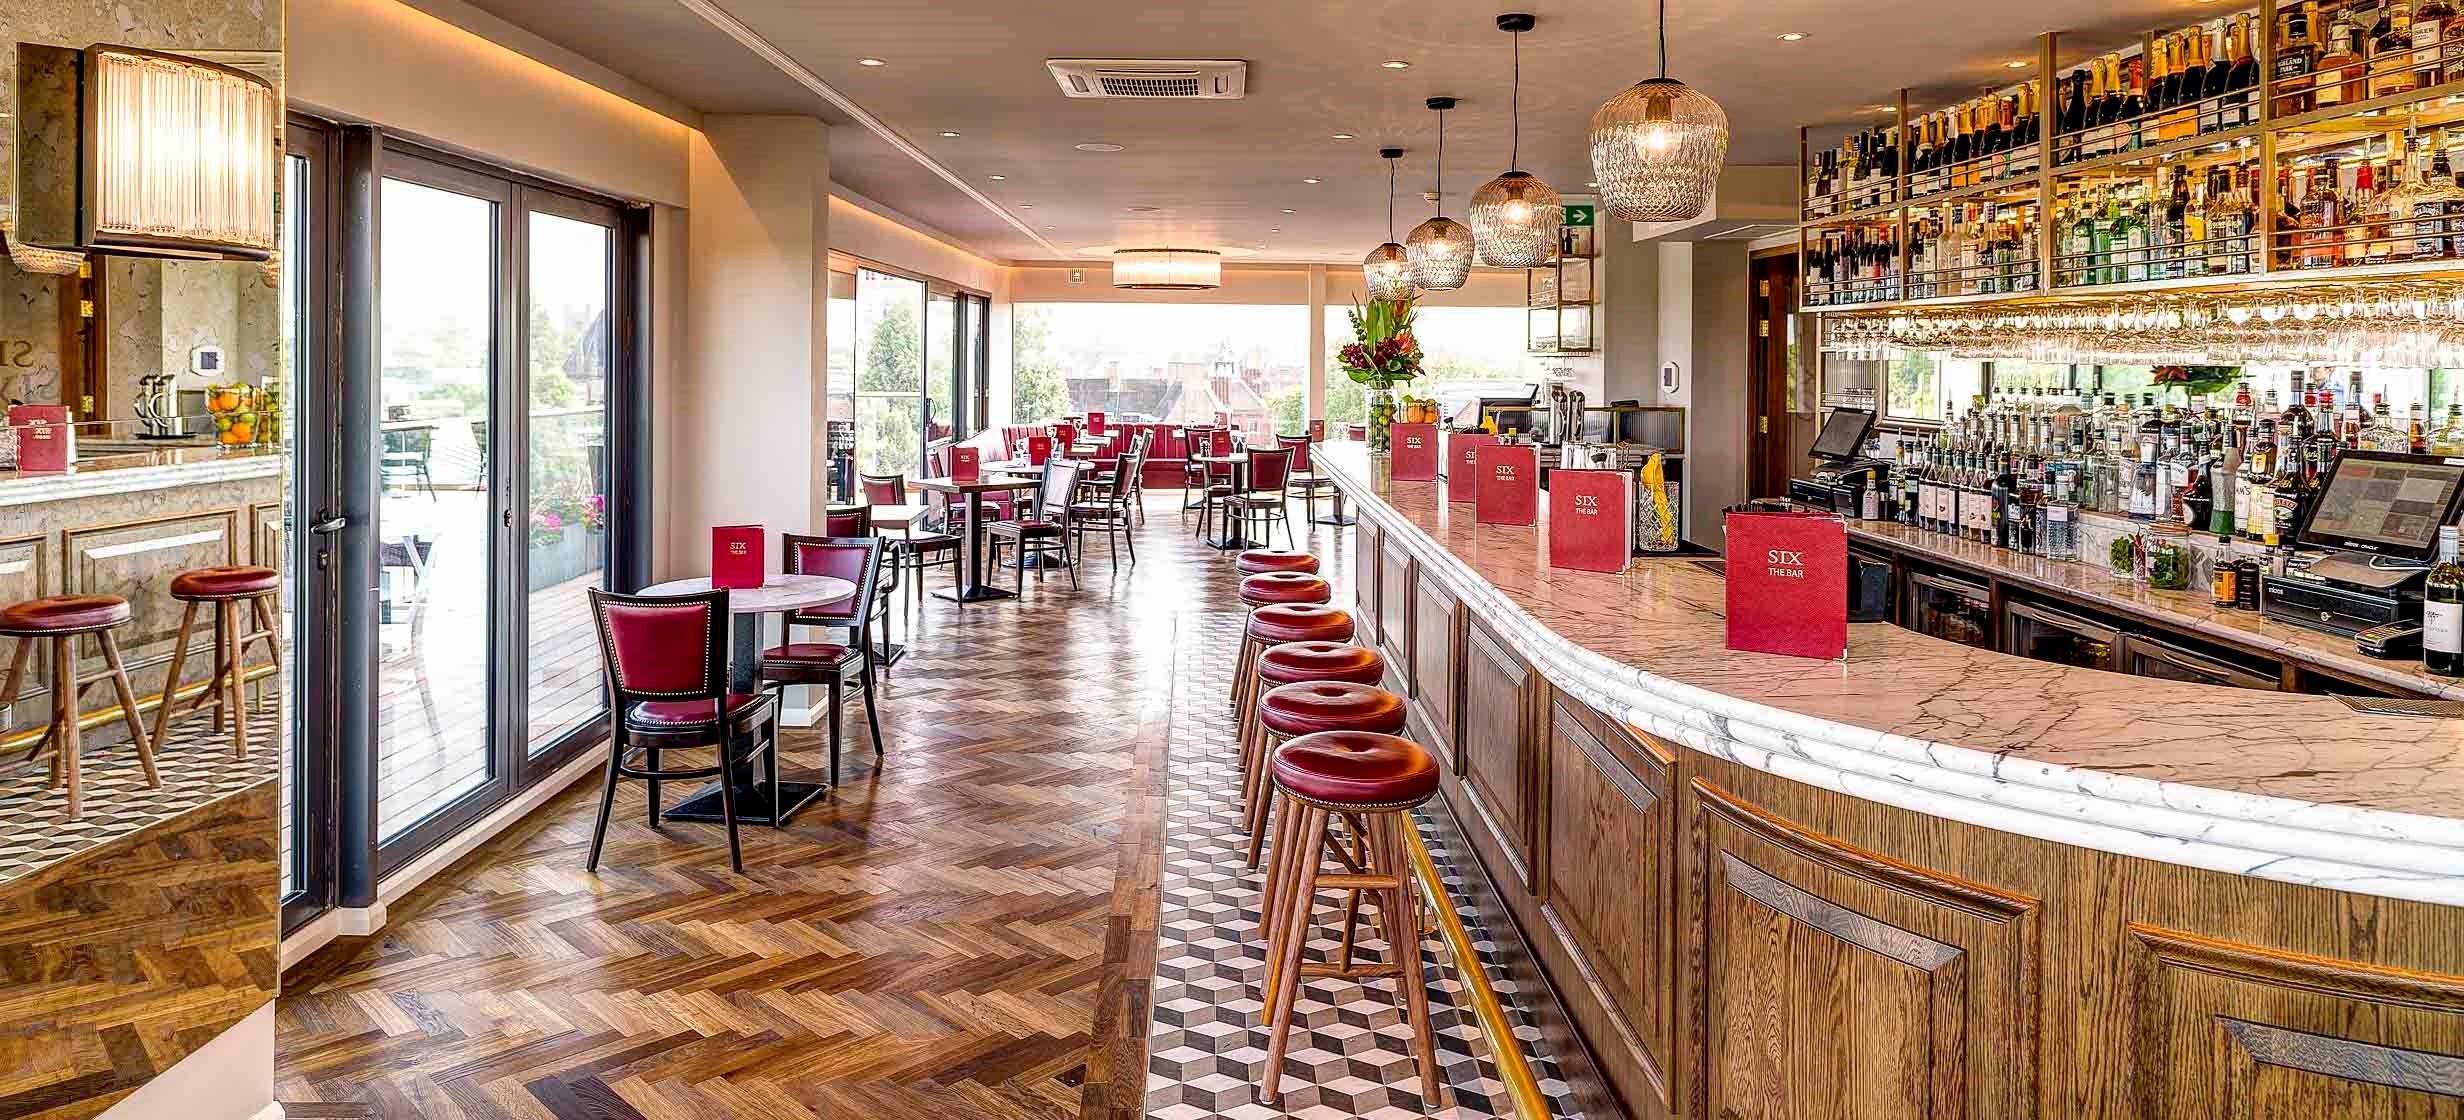 Best Healthy Restaurants Cambridge